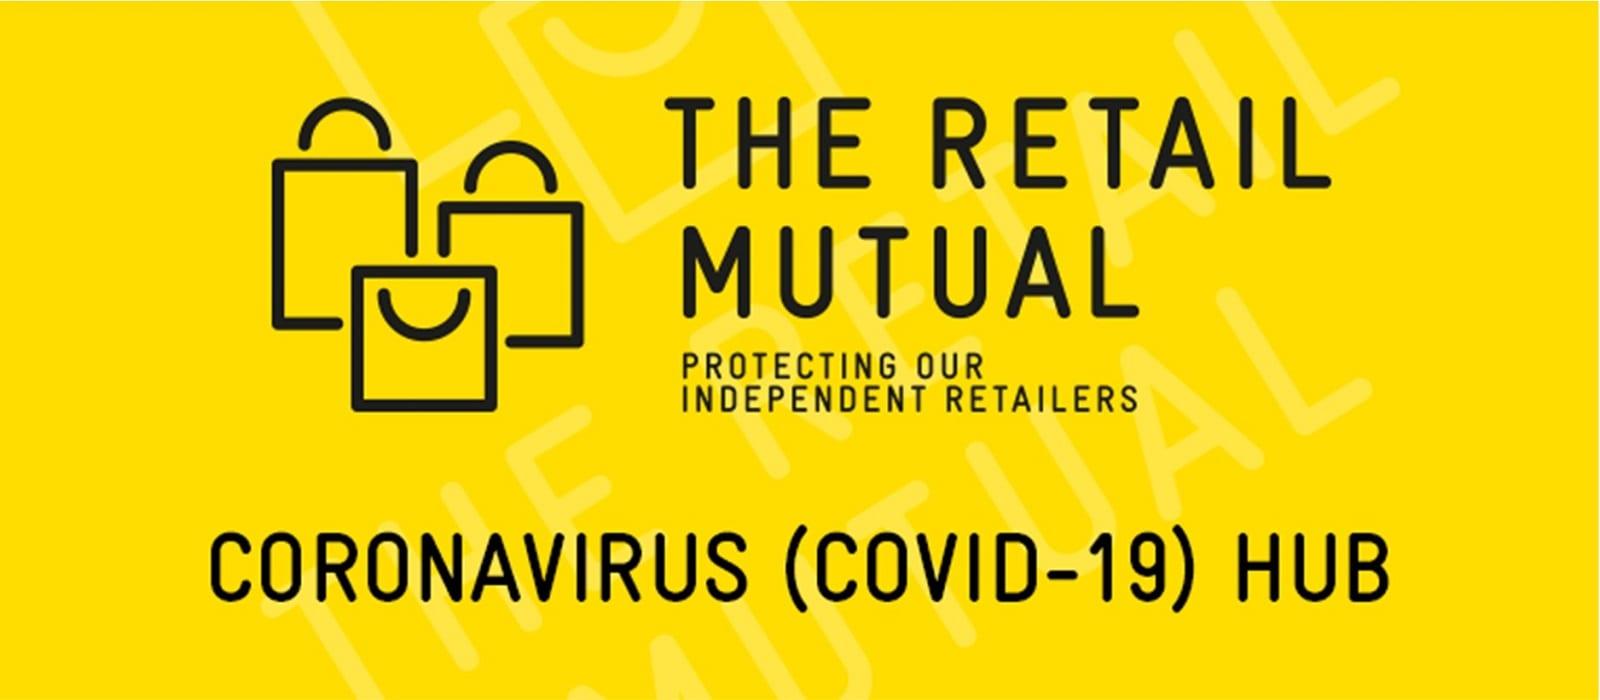 retail-mutual-hub-coronavirus